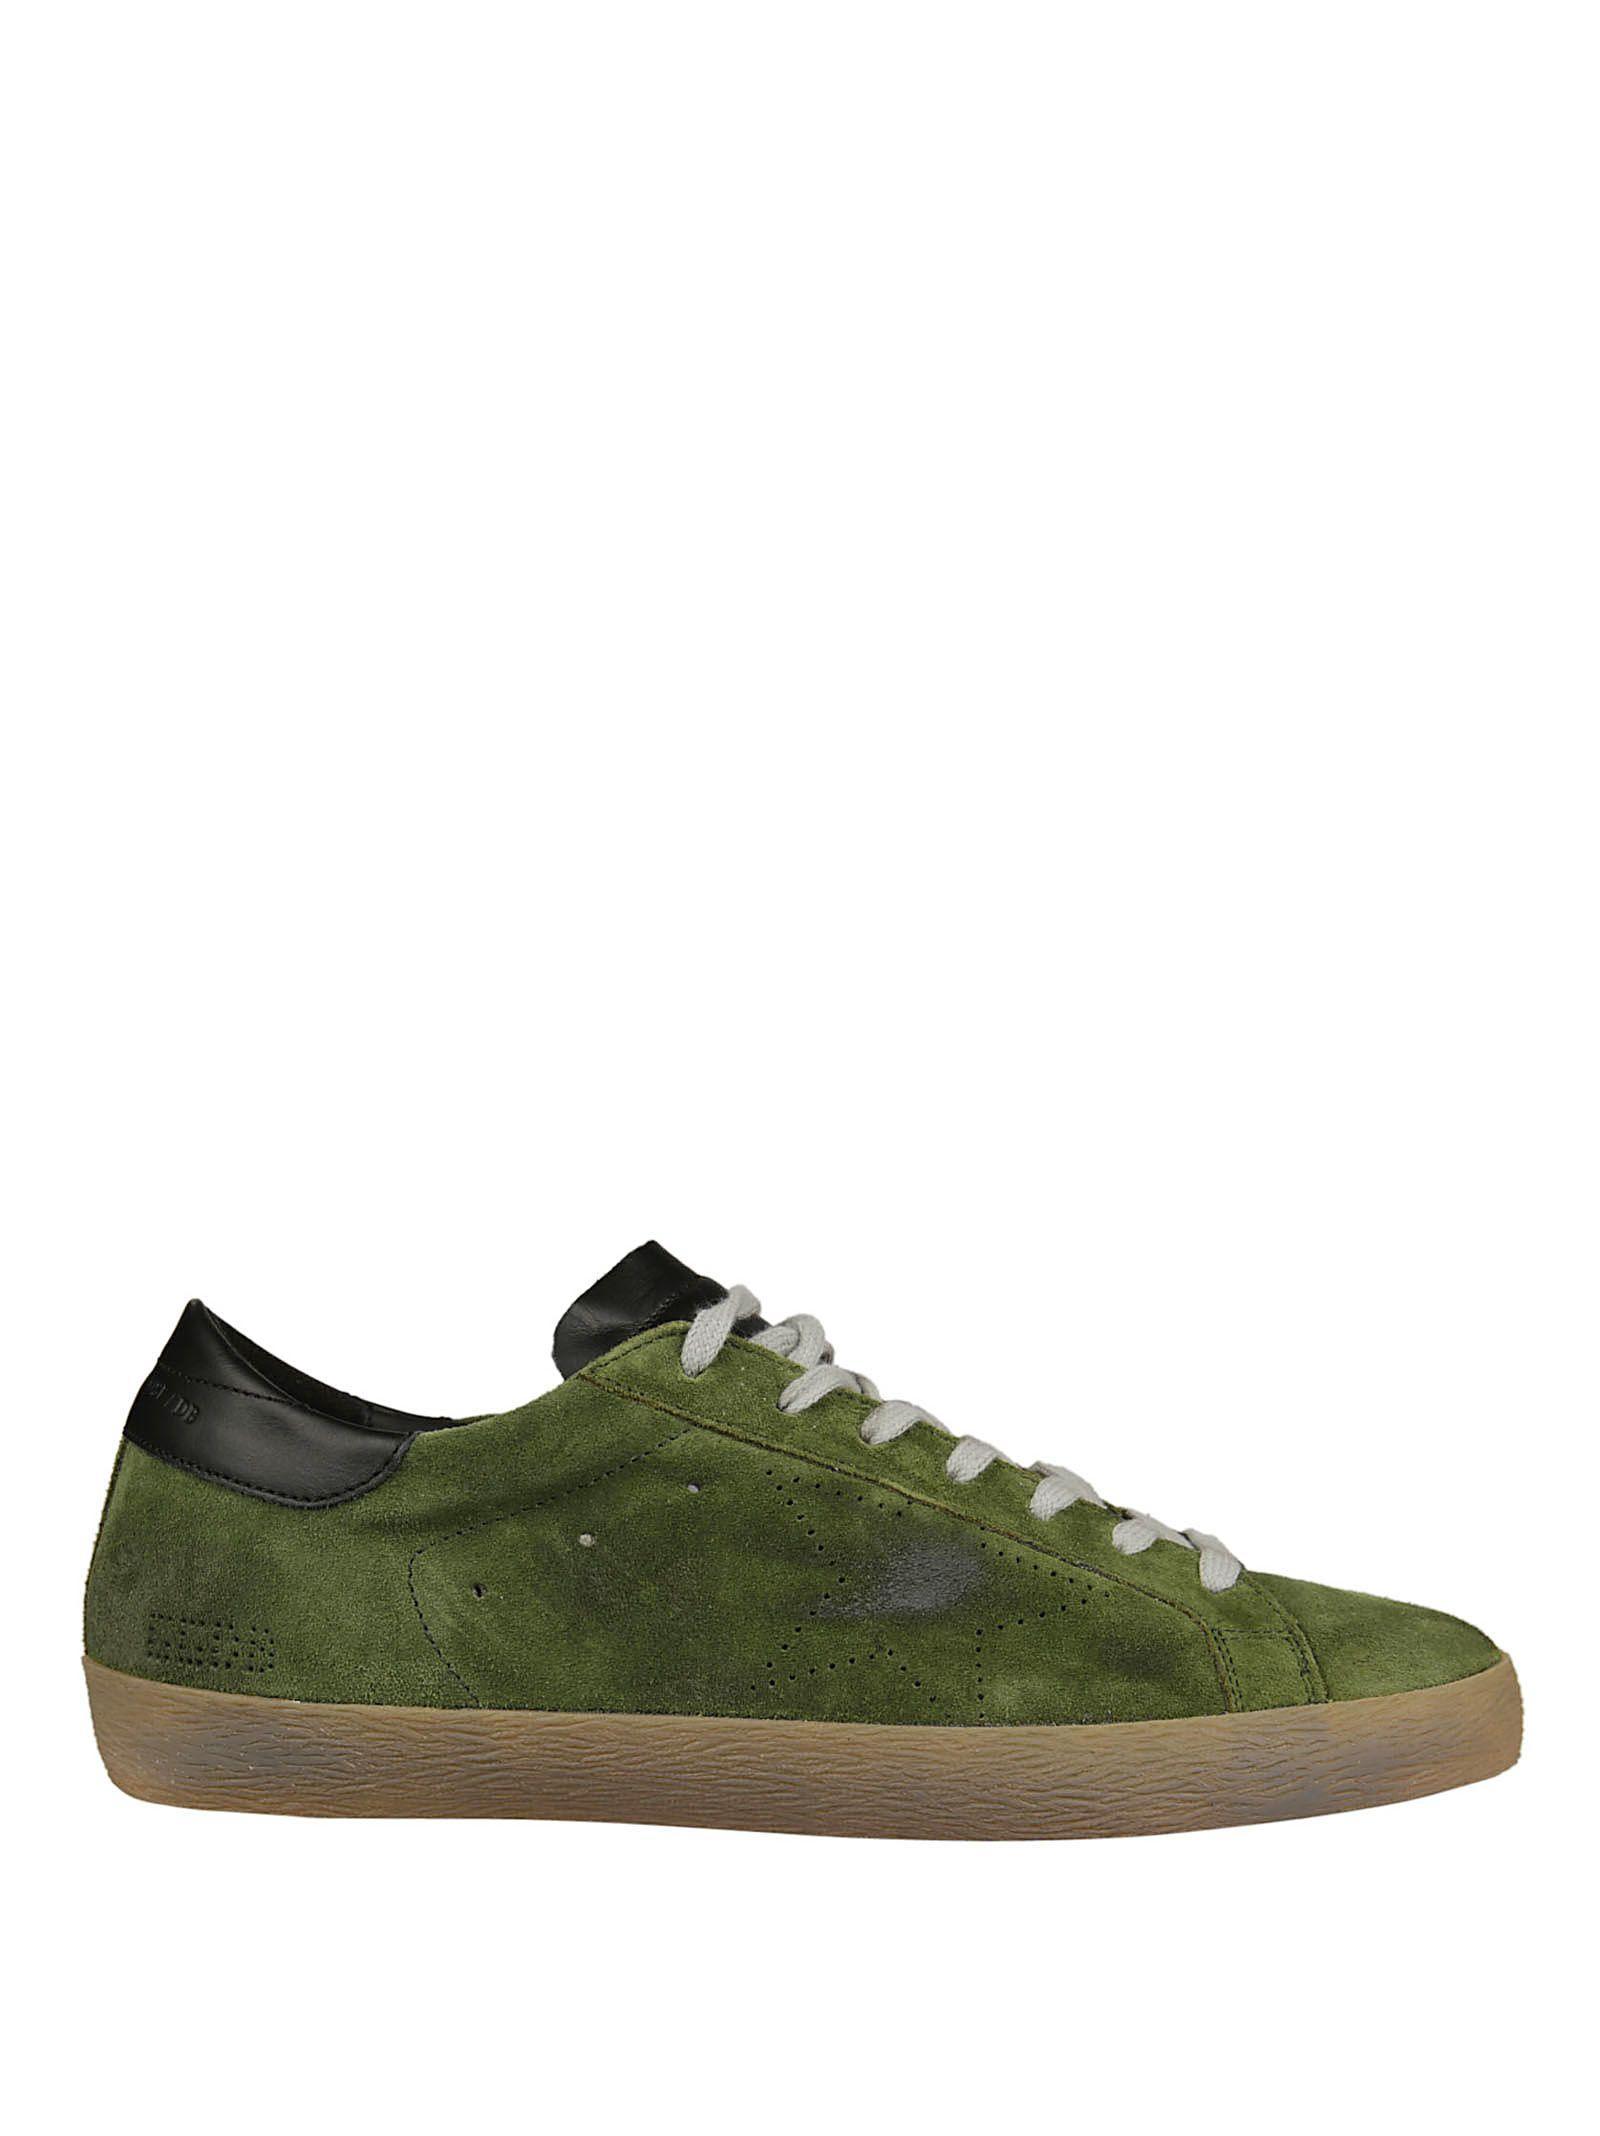 Golden Goose Superstar Sneakers In Green